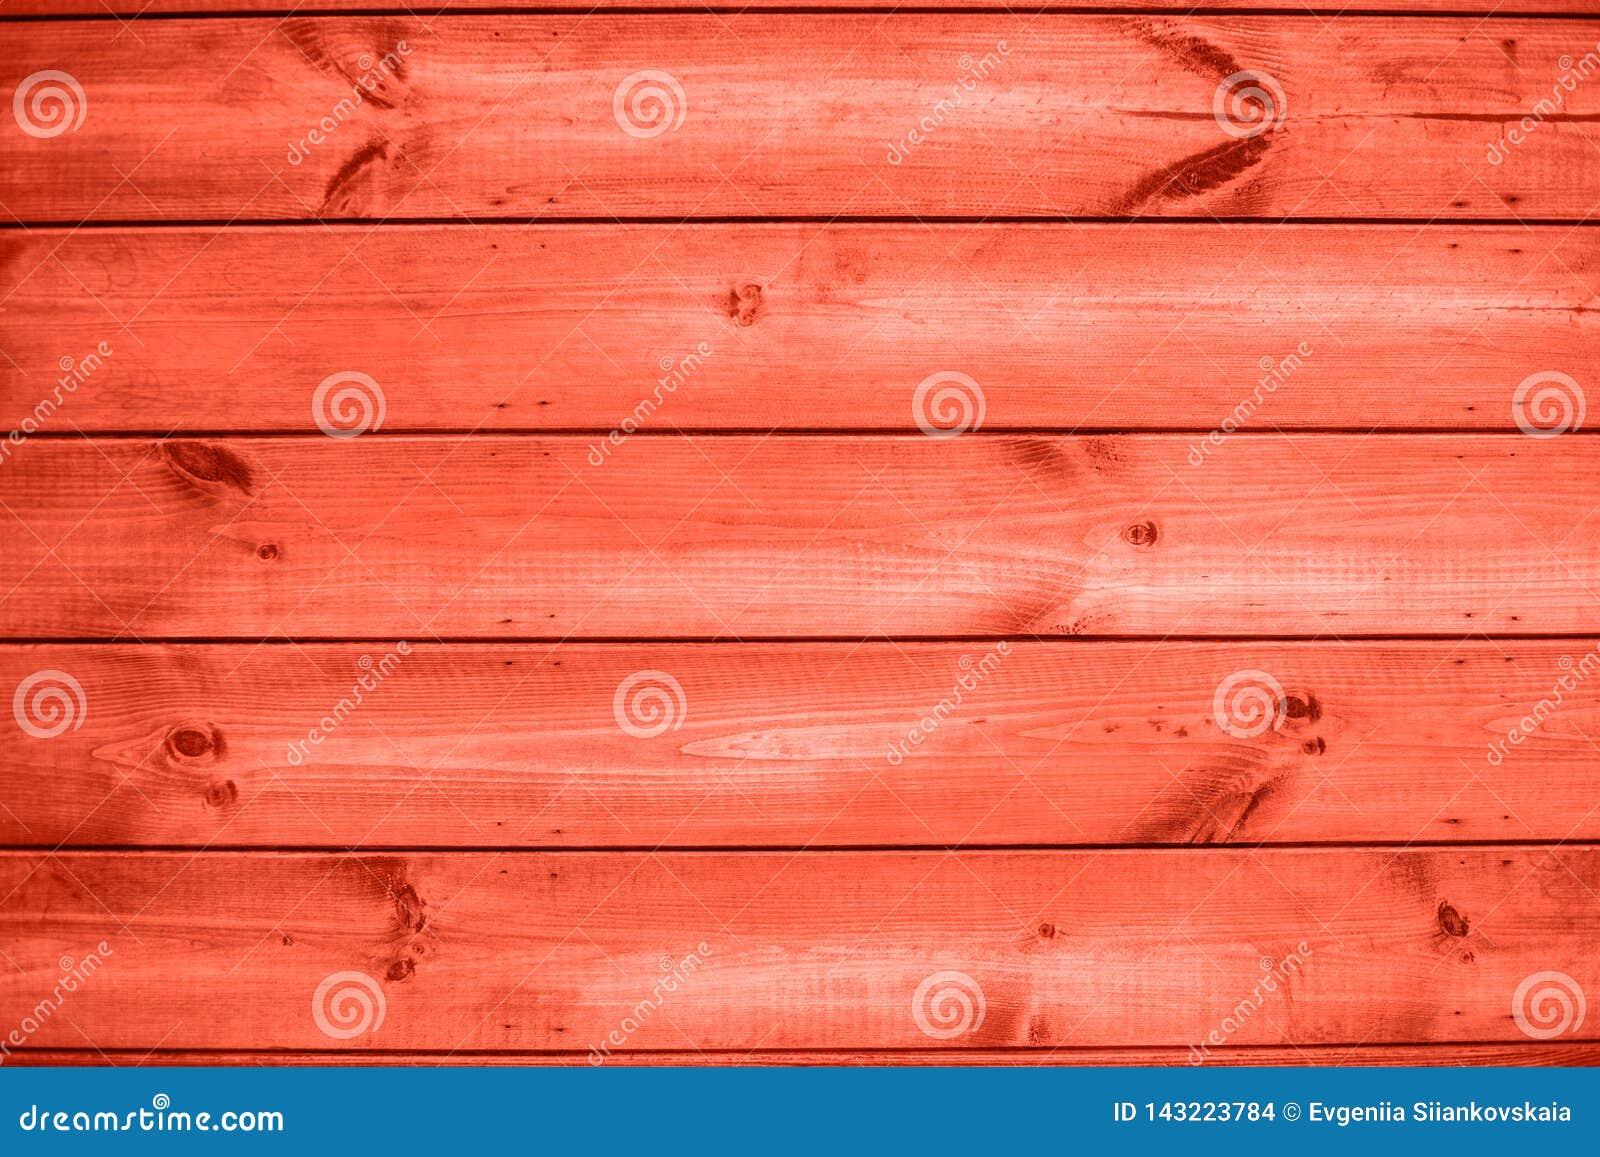 Fondo coralino de la pared del color del tablón de madera al aire libre